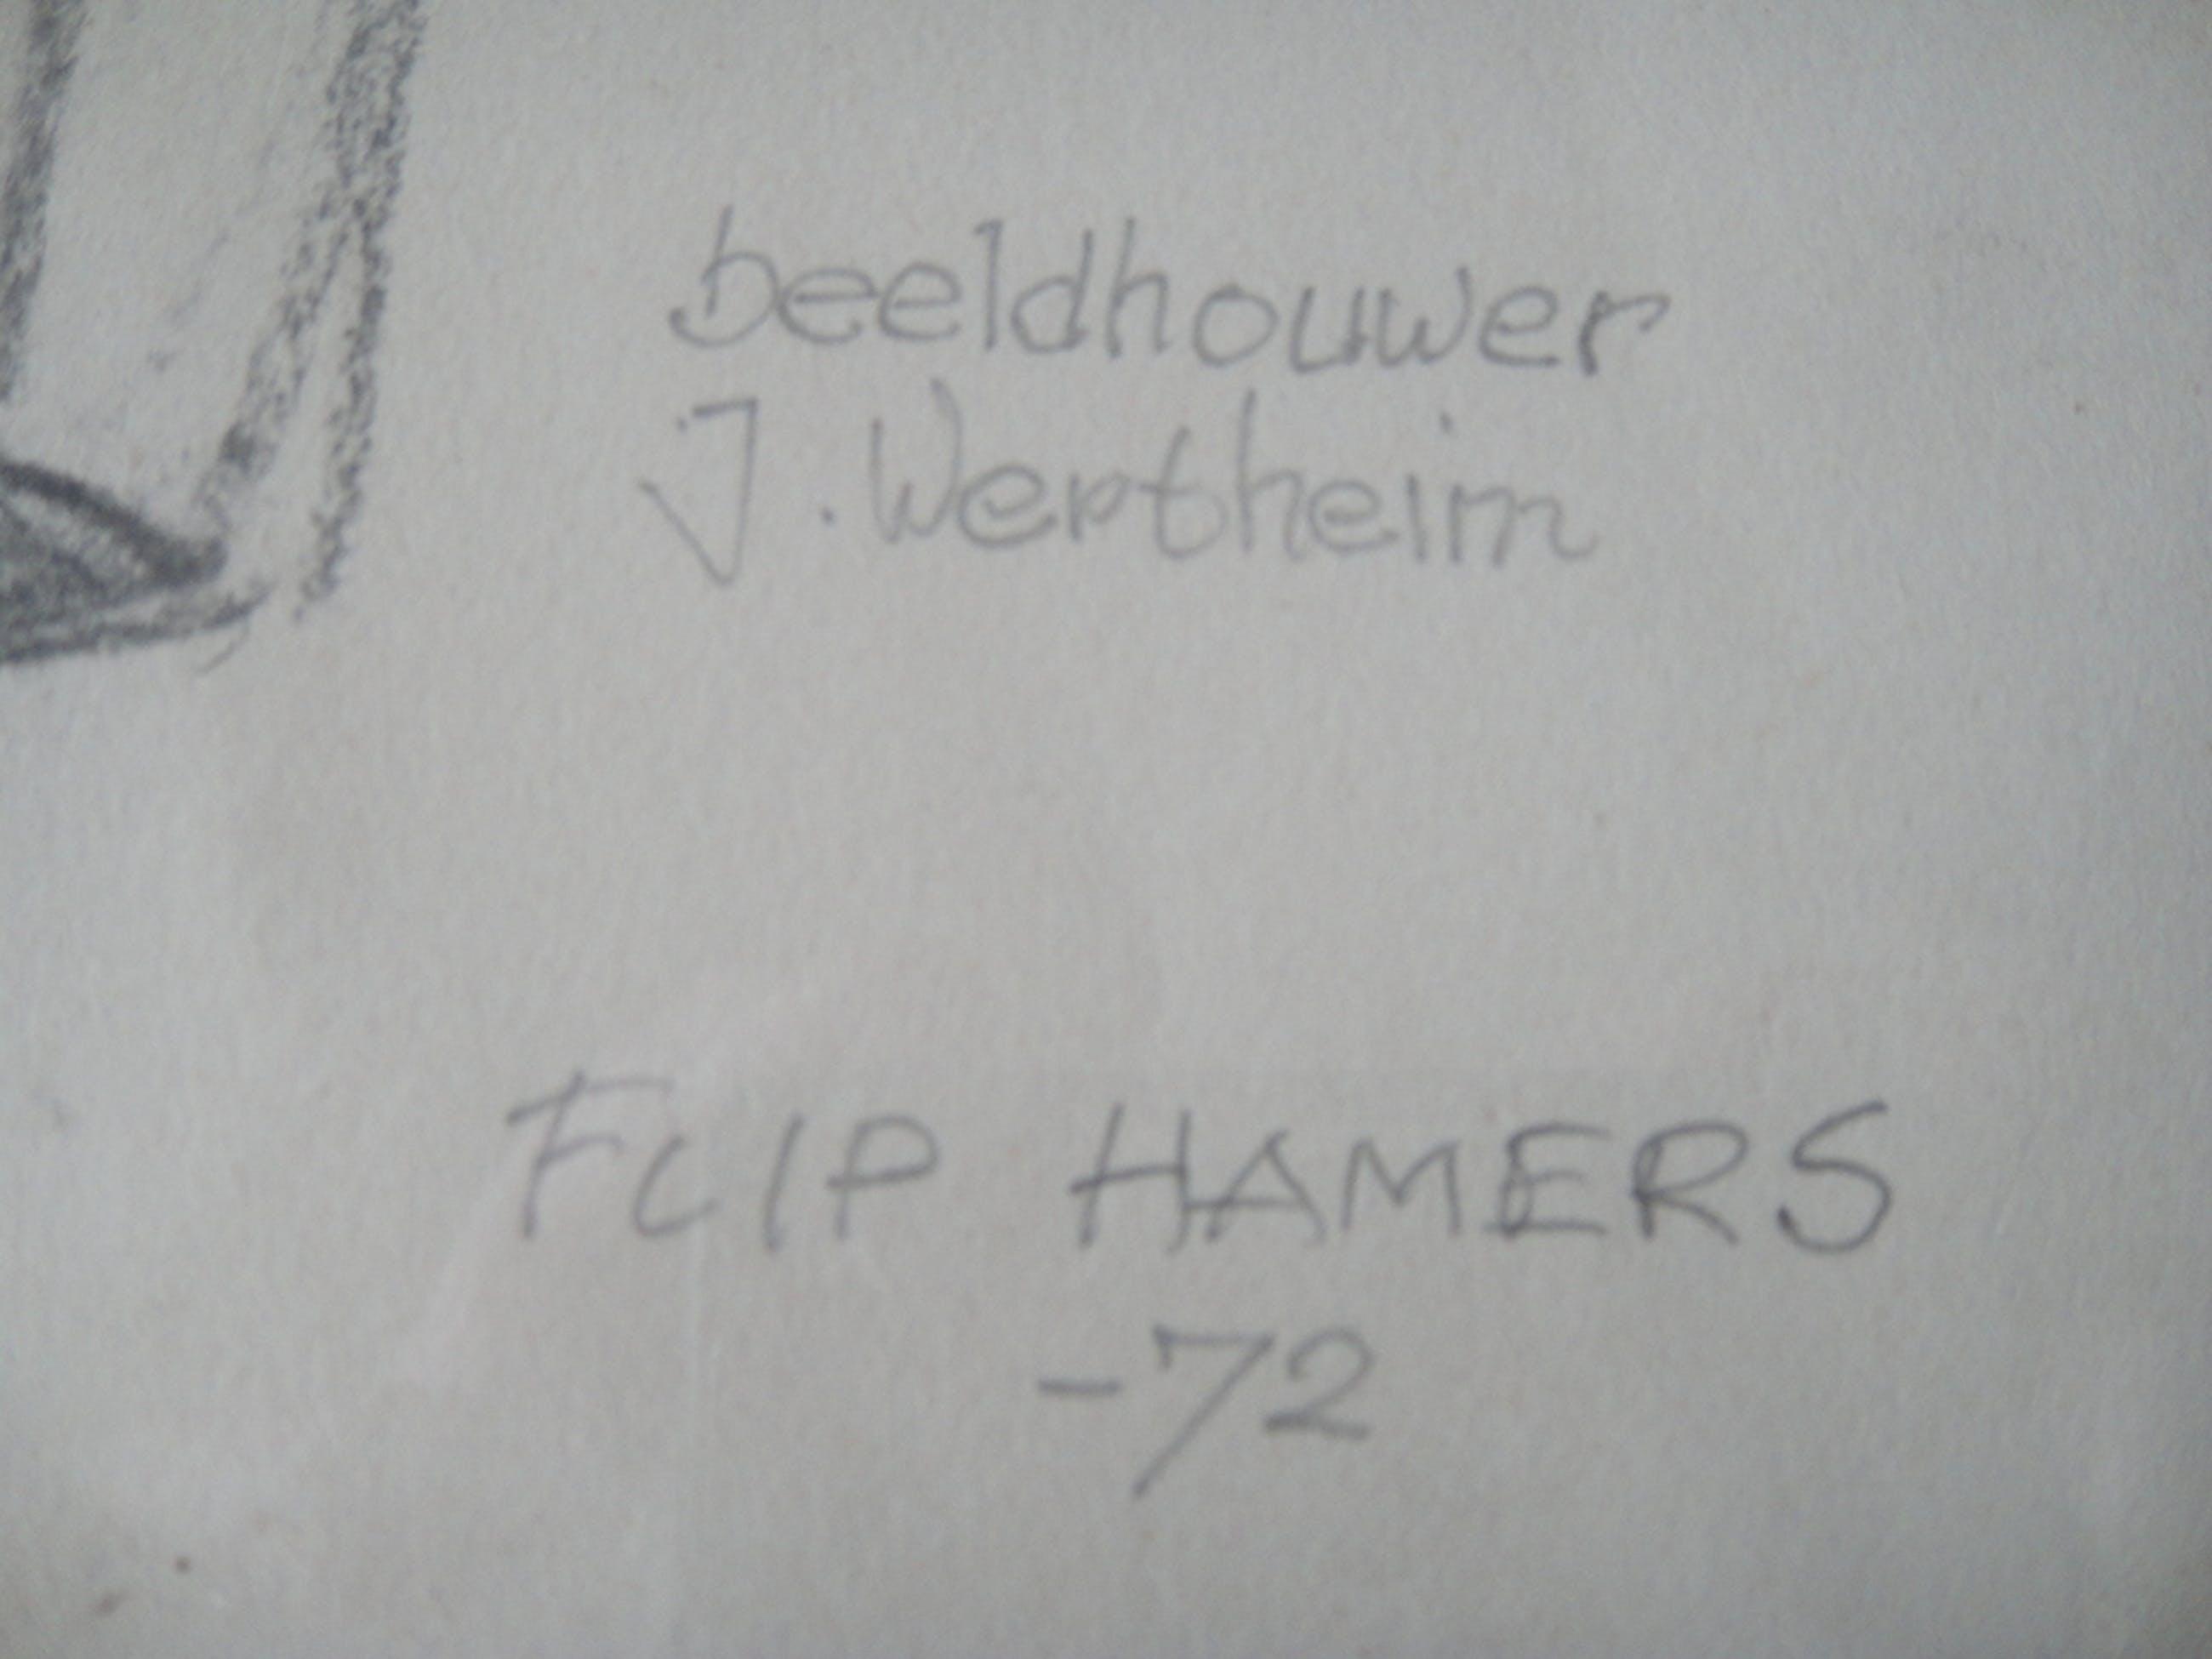 Flip Hamers, tekening, portret van beeldhouwer Jobs Wertheim kopen? Bied vanaf 1!